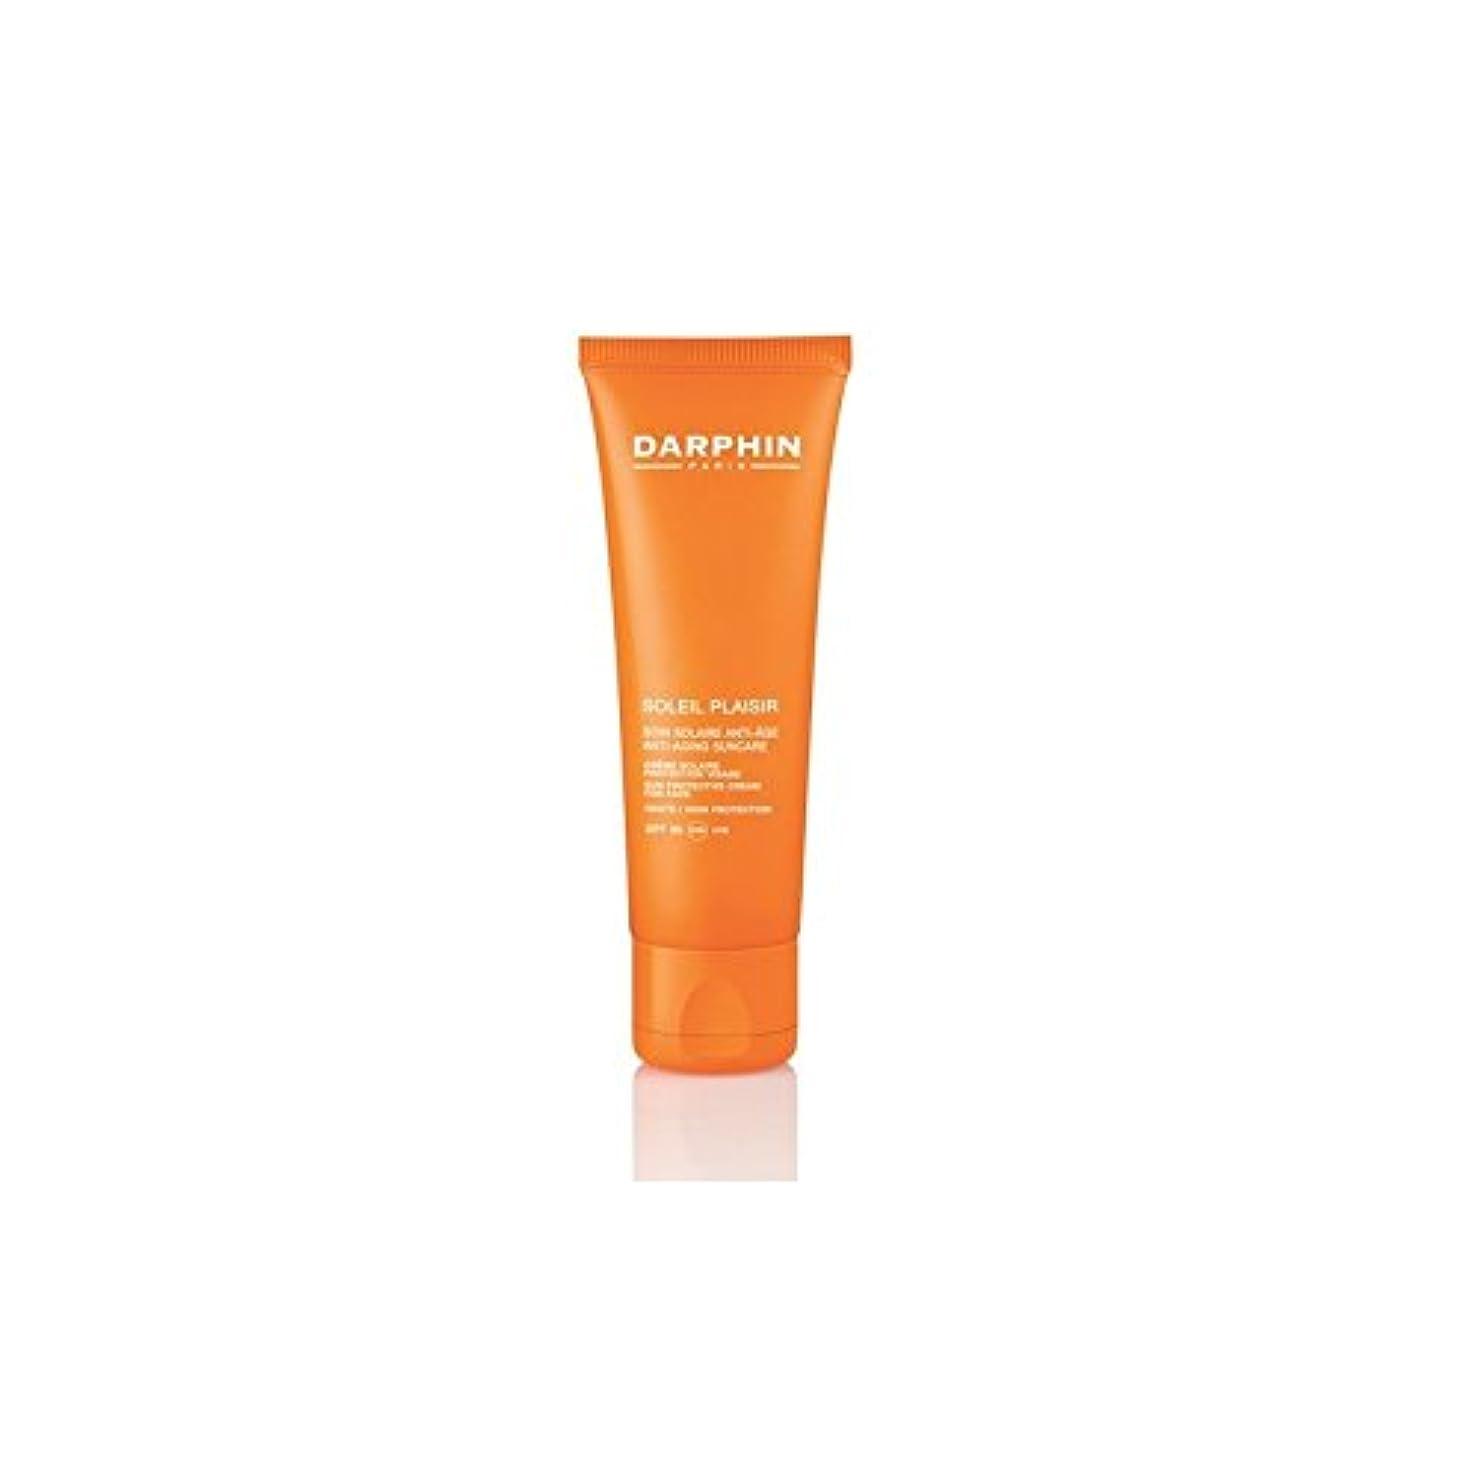 安全やりがいのある注目すべきDarphin Soleil Plaisir For Face Moisturiser Spf50 (50ml) (Pack of 6) - 顔の保湿用50用ダルファンソレイユのプレジール(50ミリリットル) x6 [並行輸入品]